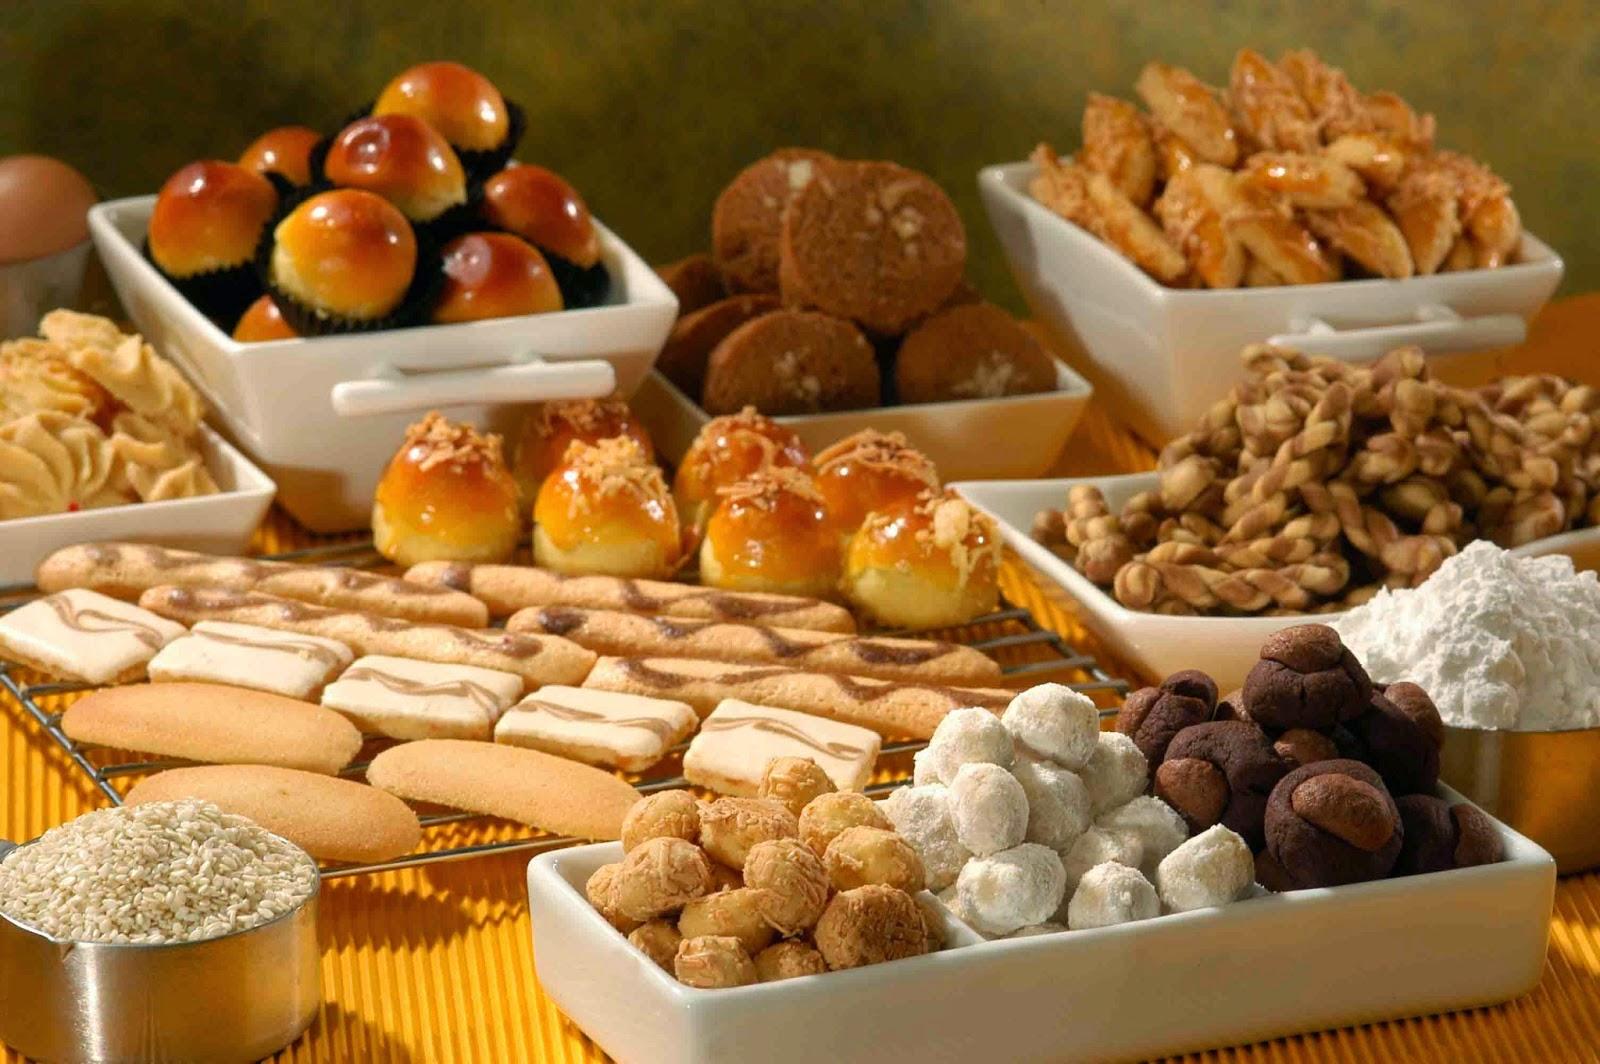 Resep Cara Buat Kue Kering Nastar, Putri Salju dan Kastangel